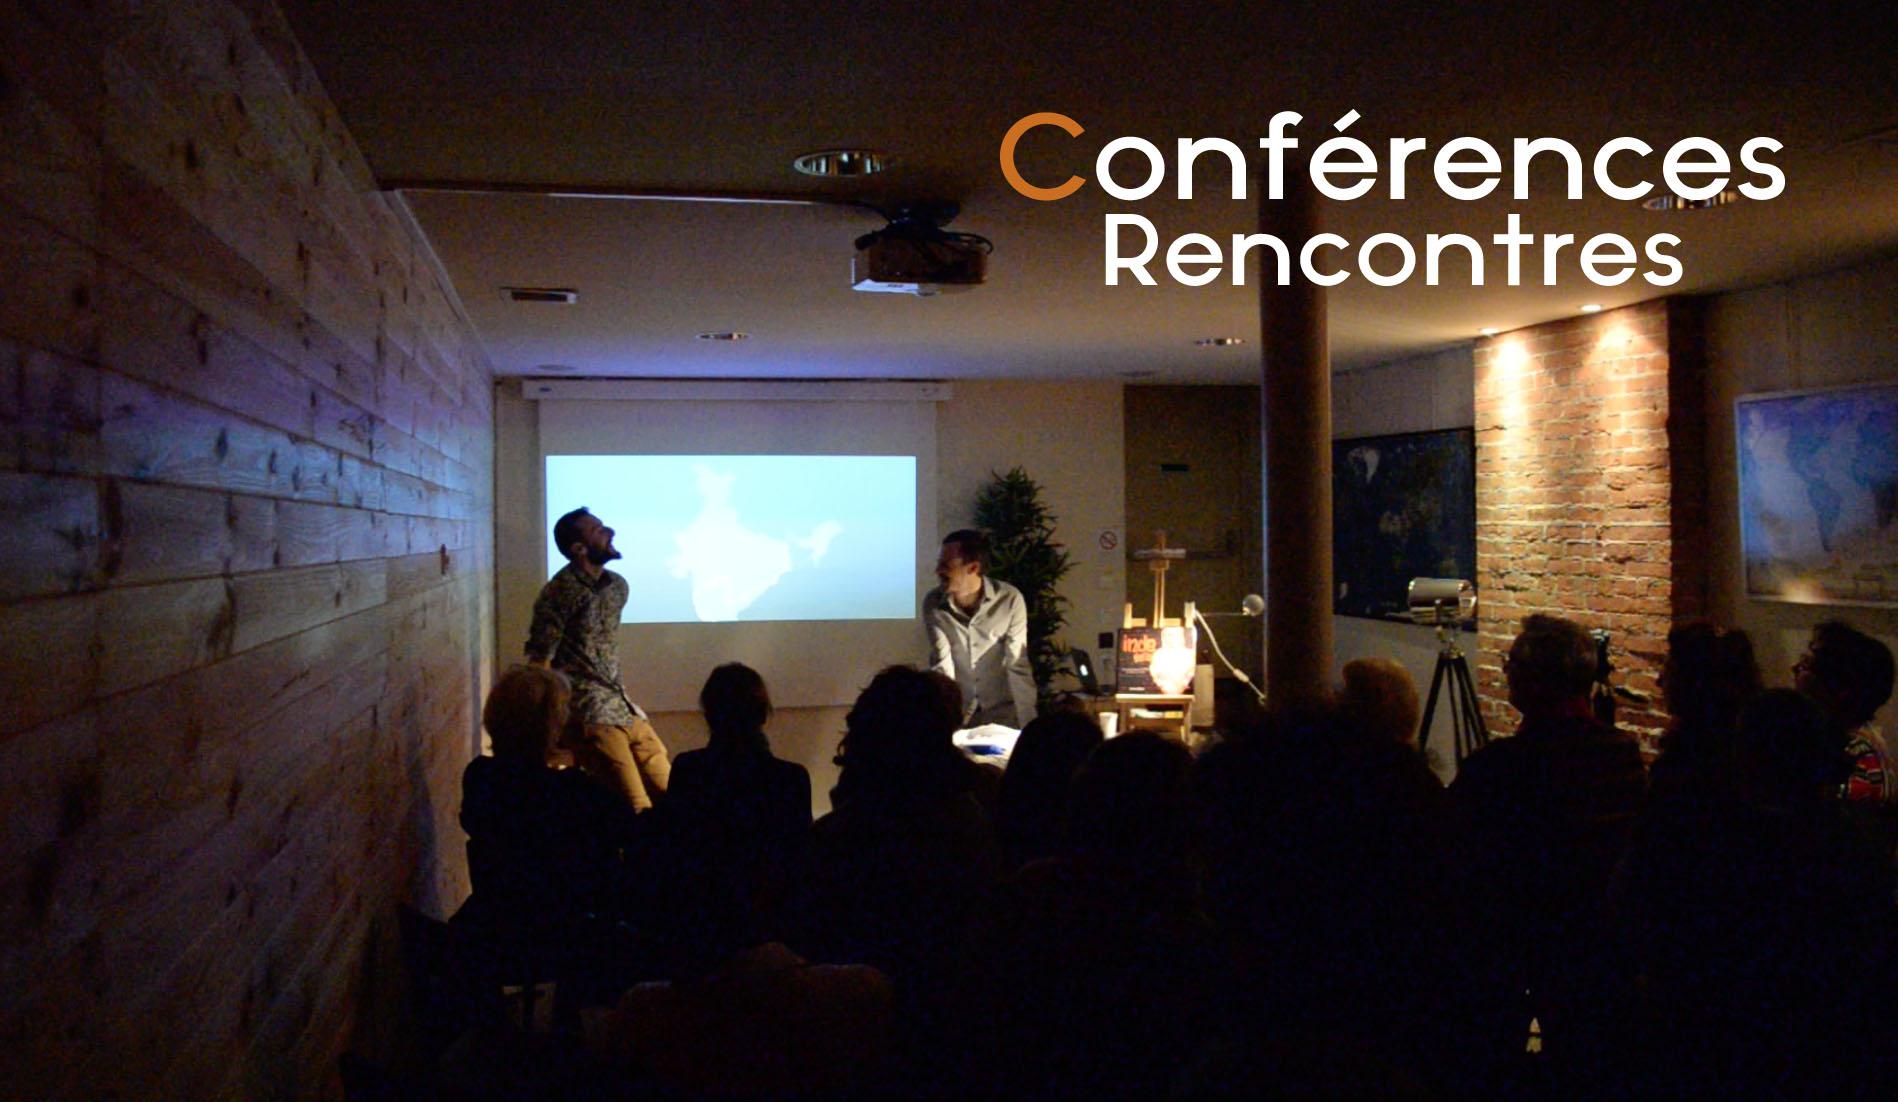 Conférences-Rencontres